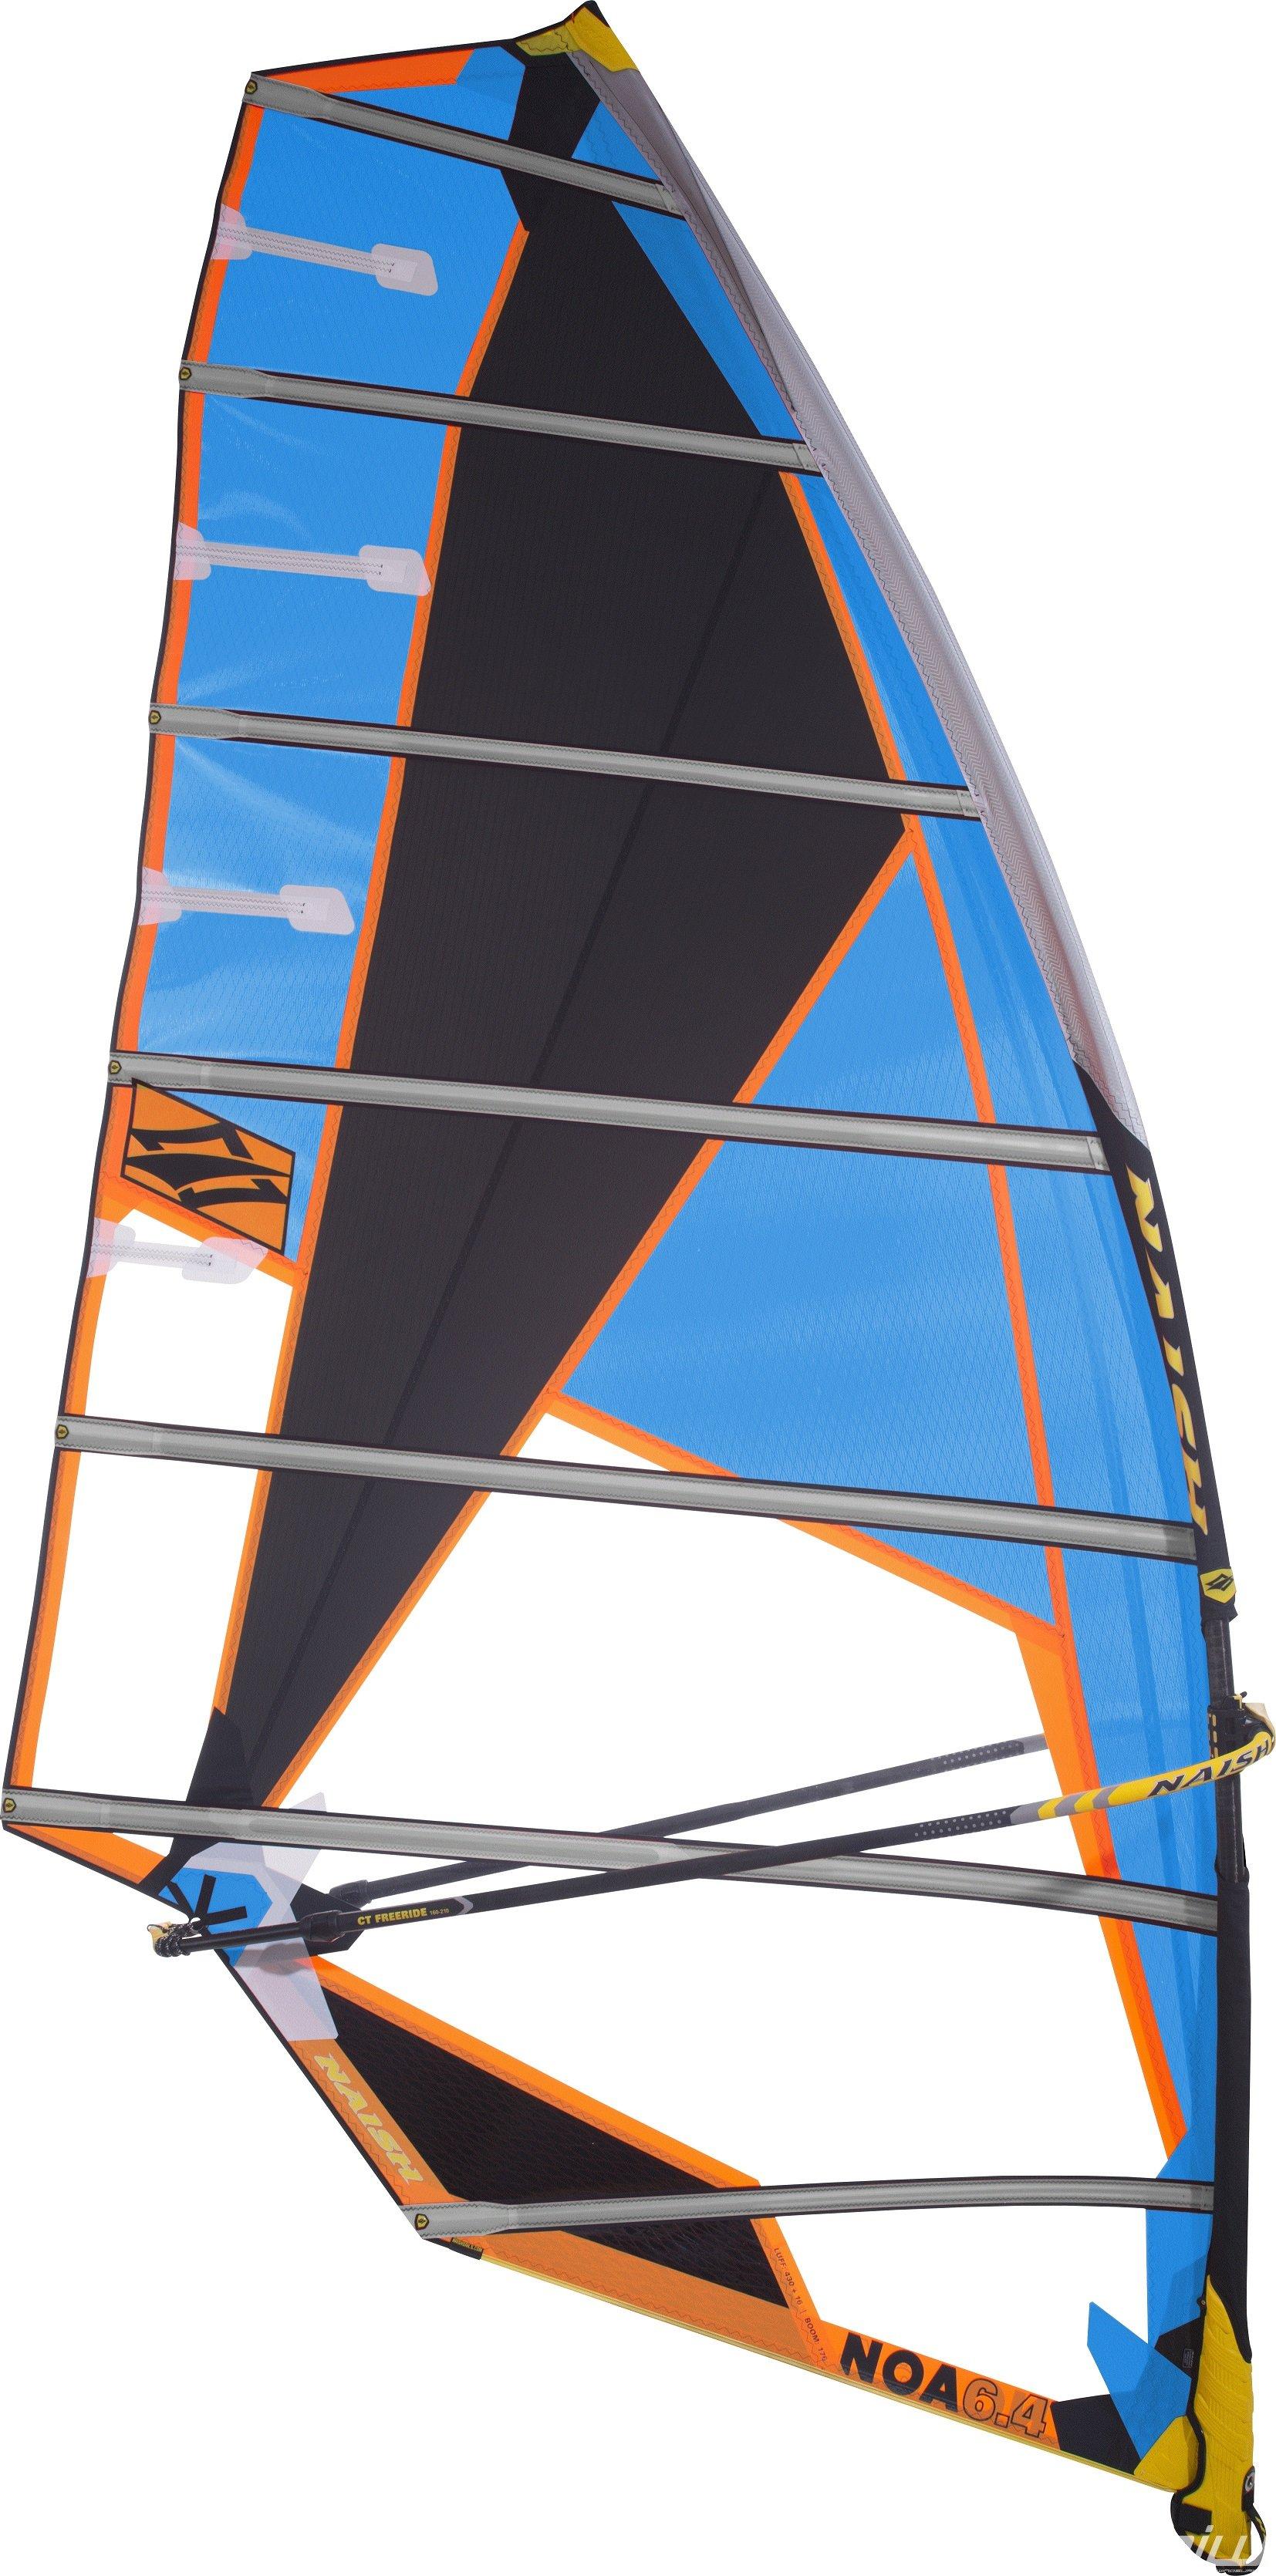 Naish Sails: Noa, sailing slalom without camber | RIWmag